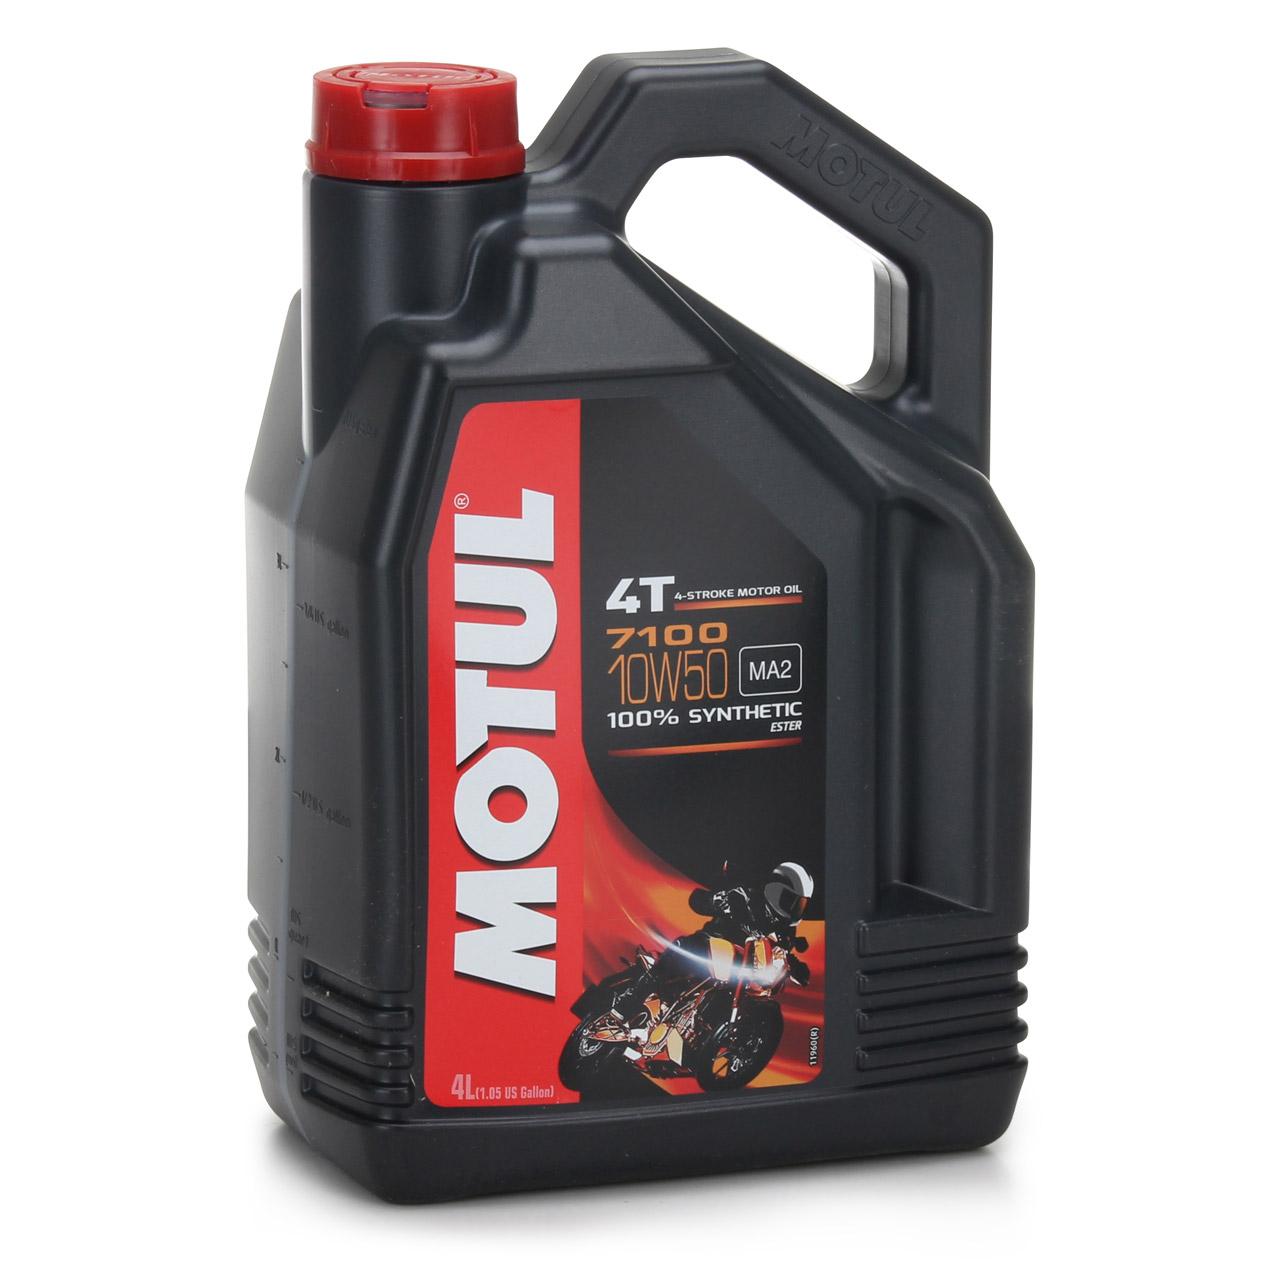 MOTUL 7100 4T 4-TAKT Ester Motoröl ÖL 10W50 API Sl SM SN MA2 Motorrad 4 Liter